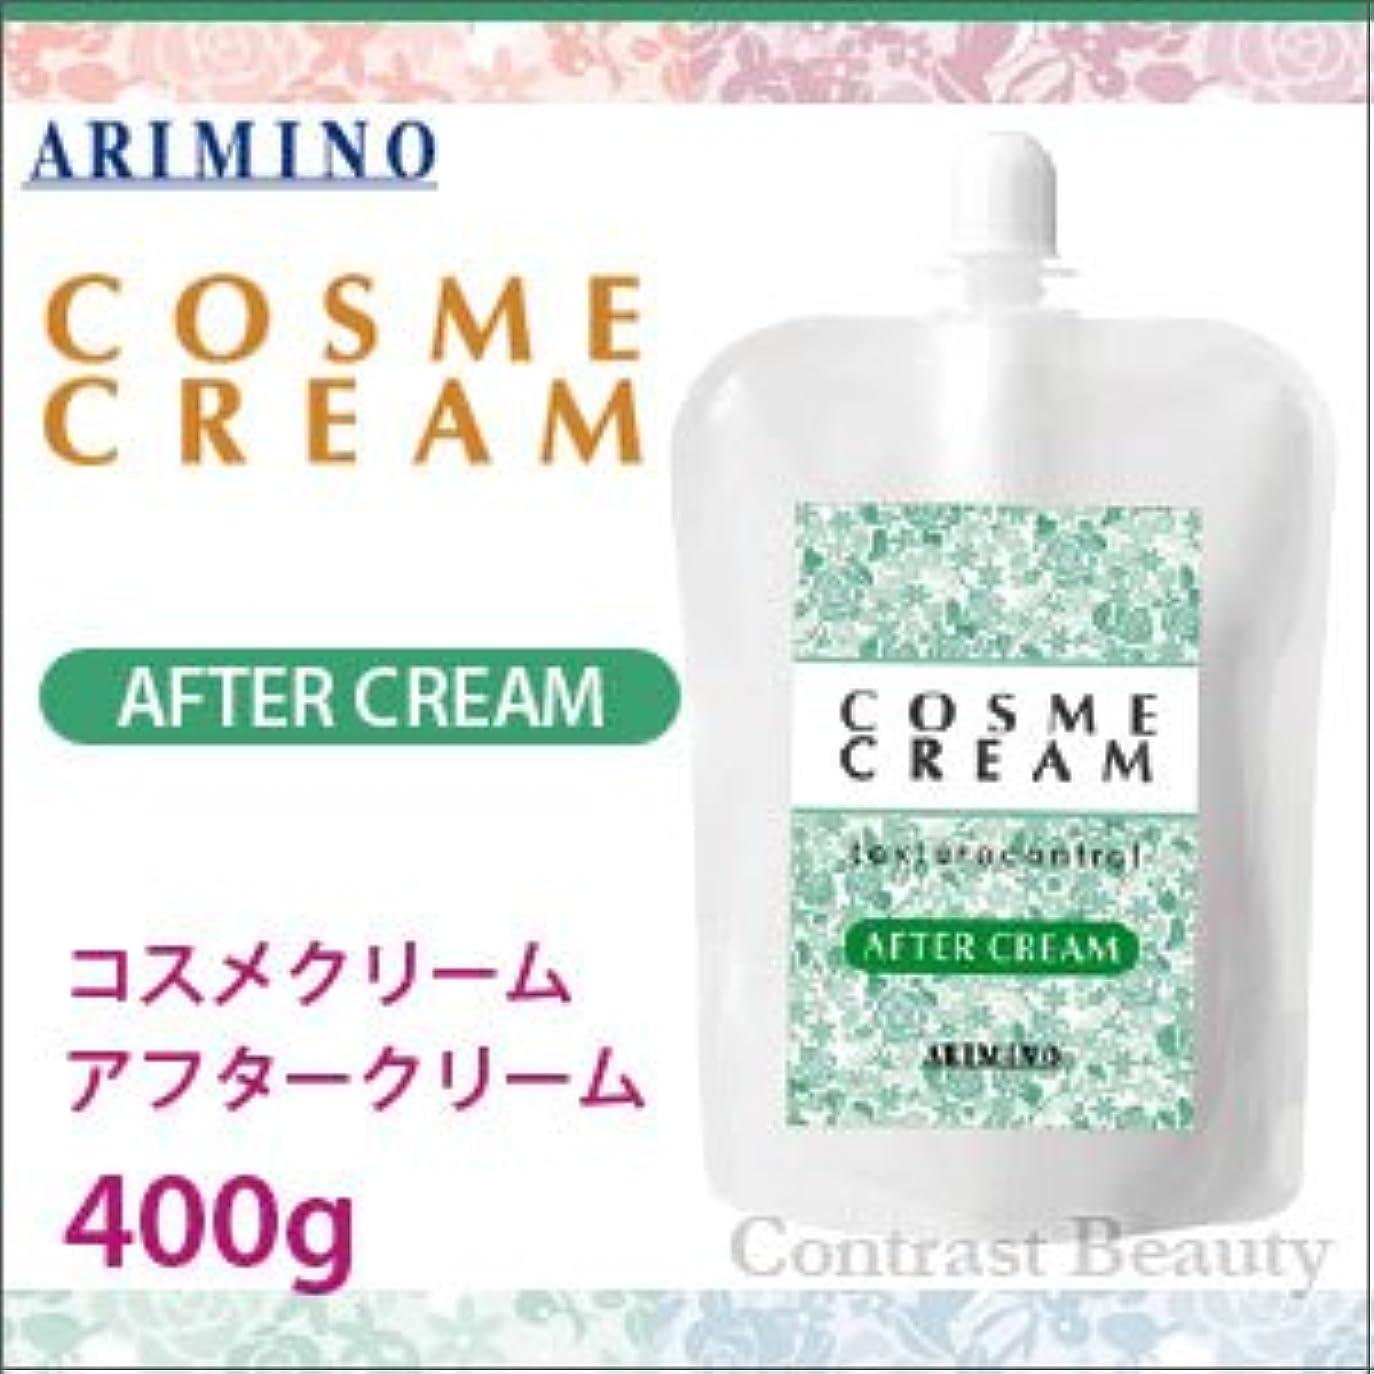 宿体系的に輪郭アリミノ コスメクリーム アフタークリーム 400g